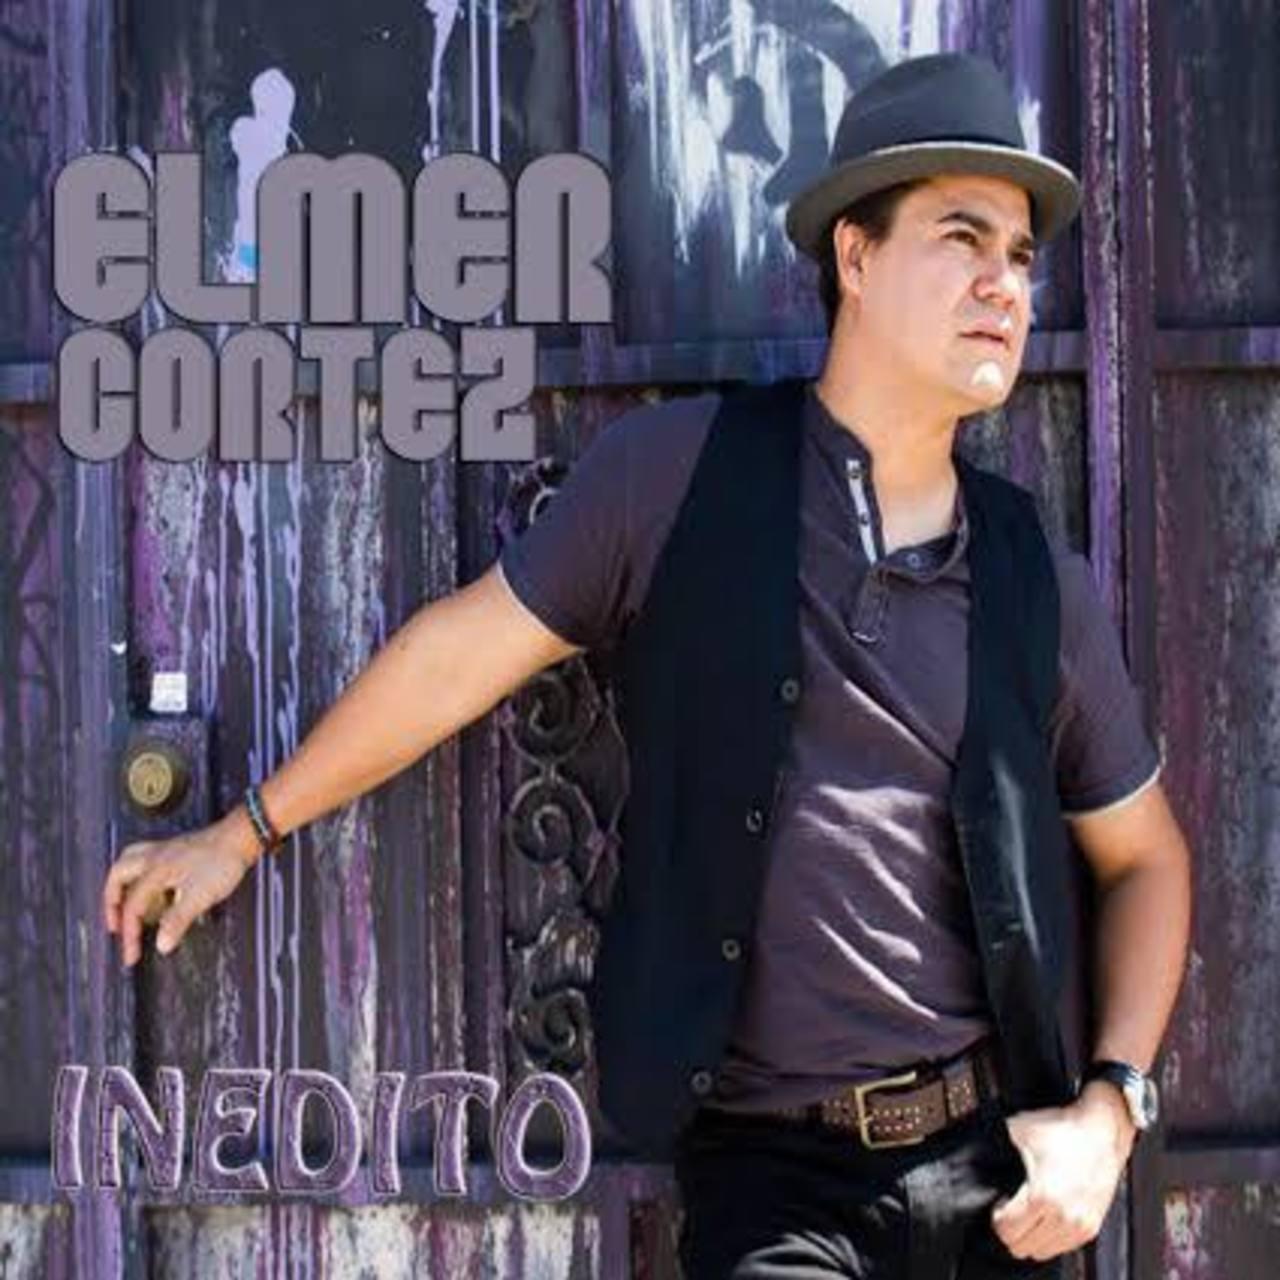 El nuevo álbum del cantautor posee bachatas y baladas.